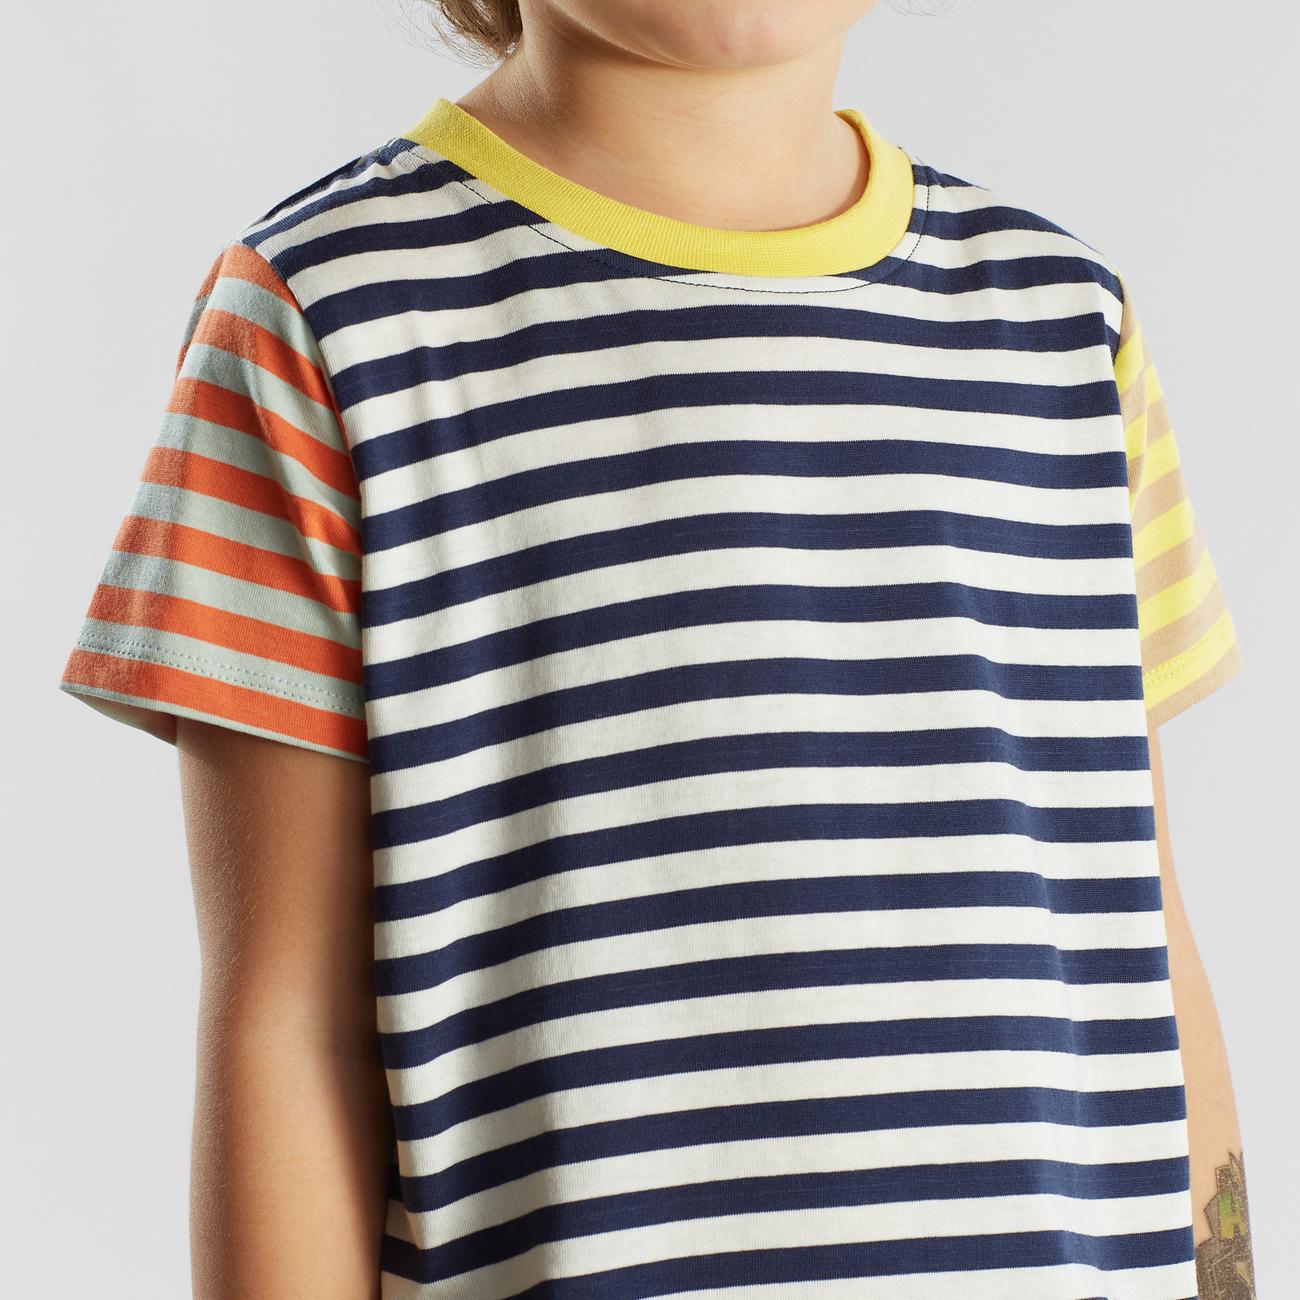 T-shirt Hamra Block Stripes Multi Color